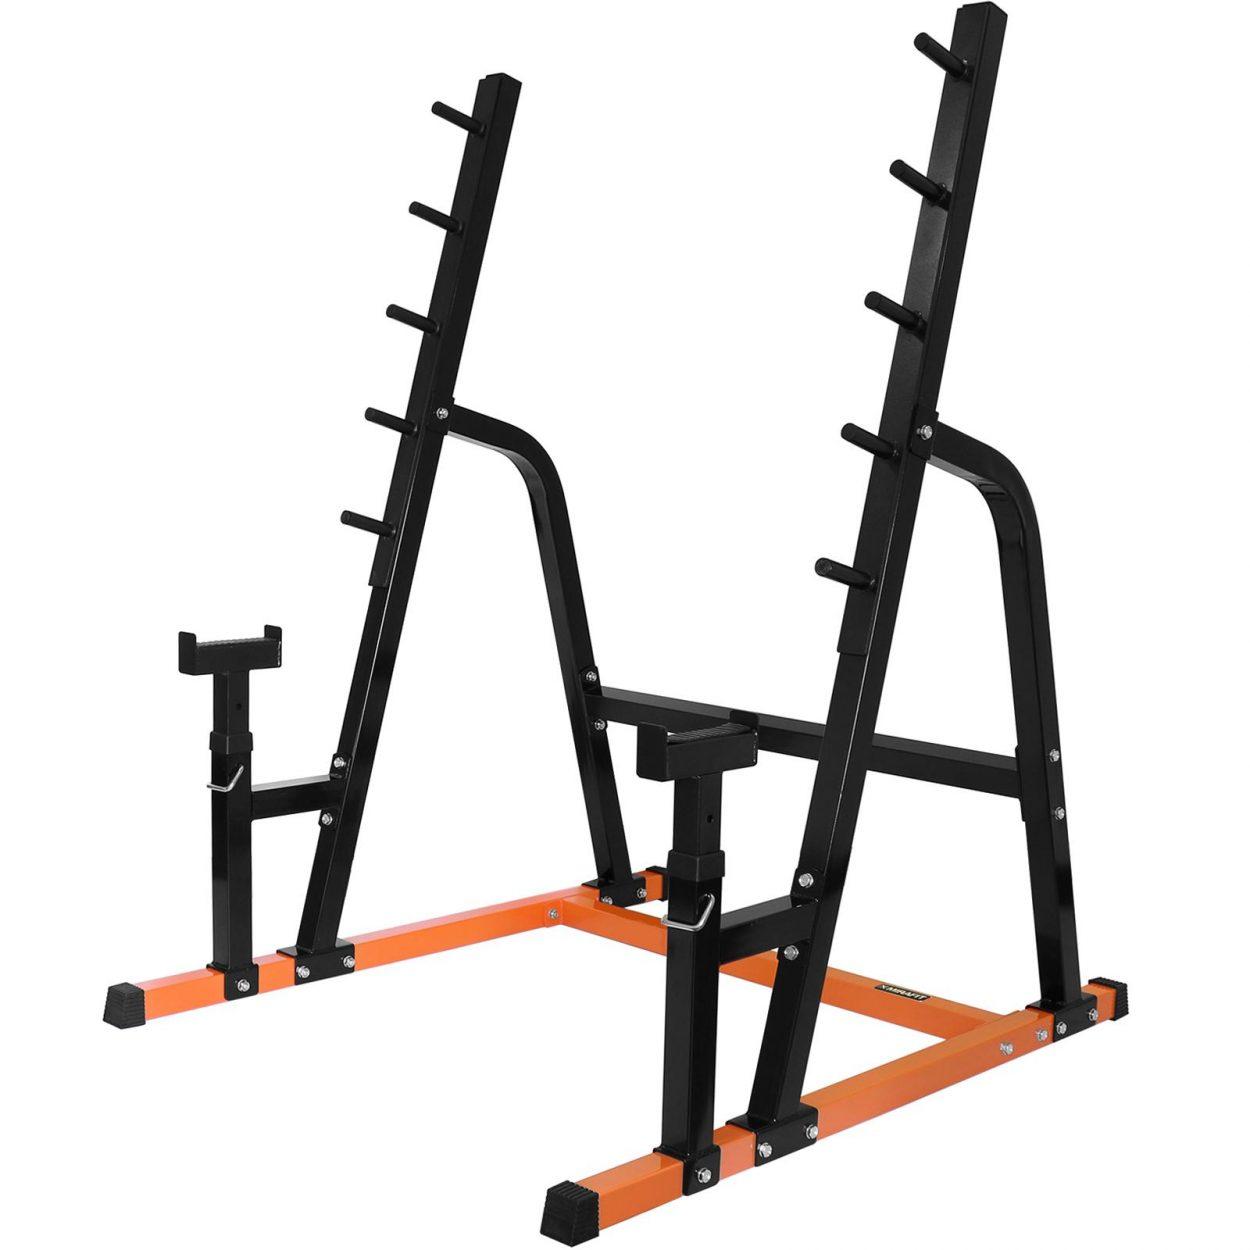 Mirafit M1 Multi Use Weight Lifting Rack – Black/Orange